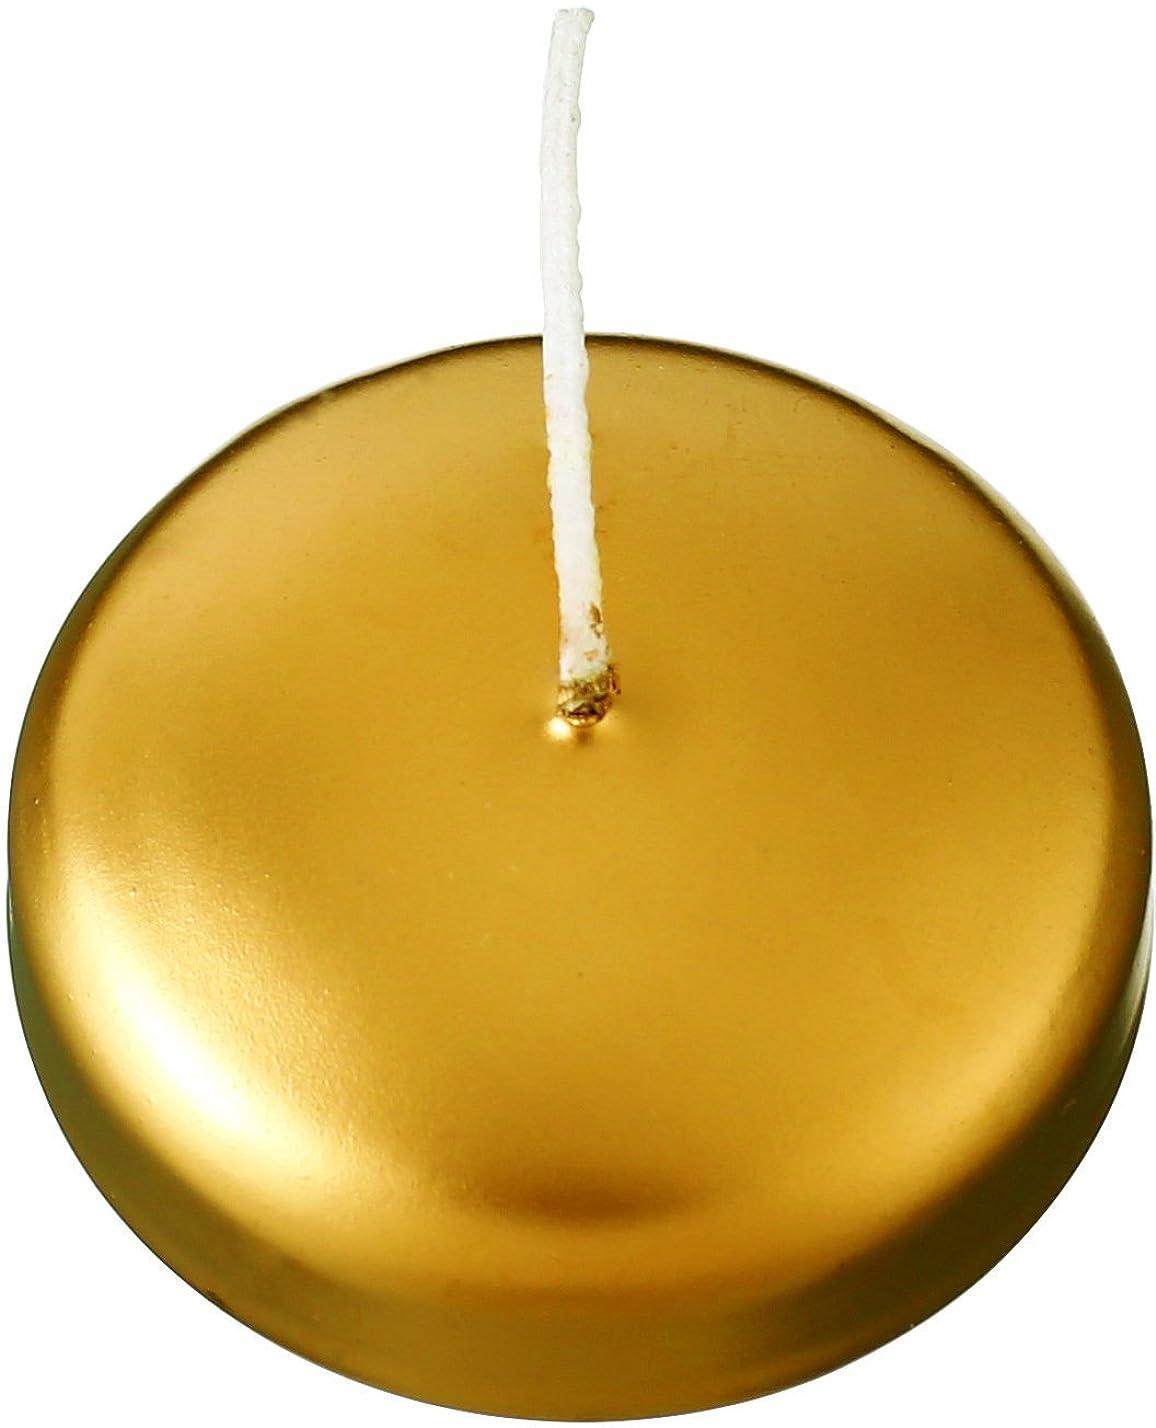 線隠す無視するカメヤマキャンドルハウス フローティングキャンドル50 ゴールド 12個セット